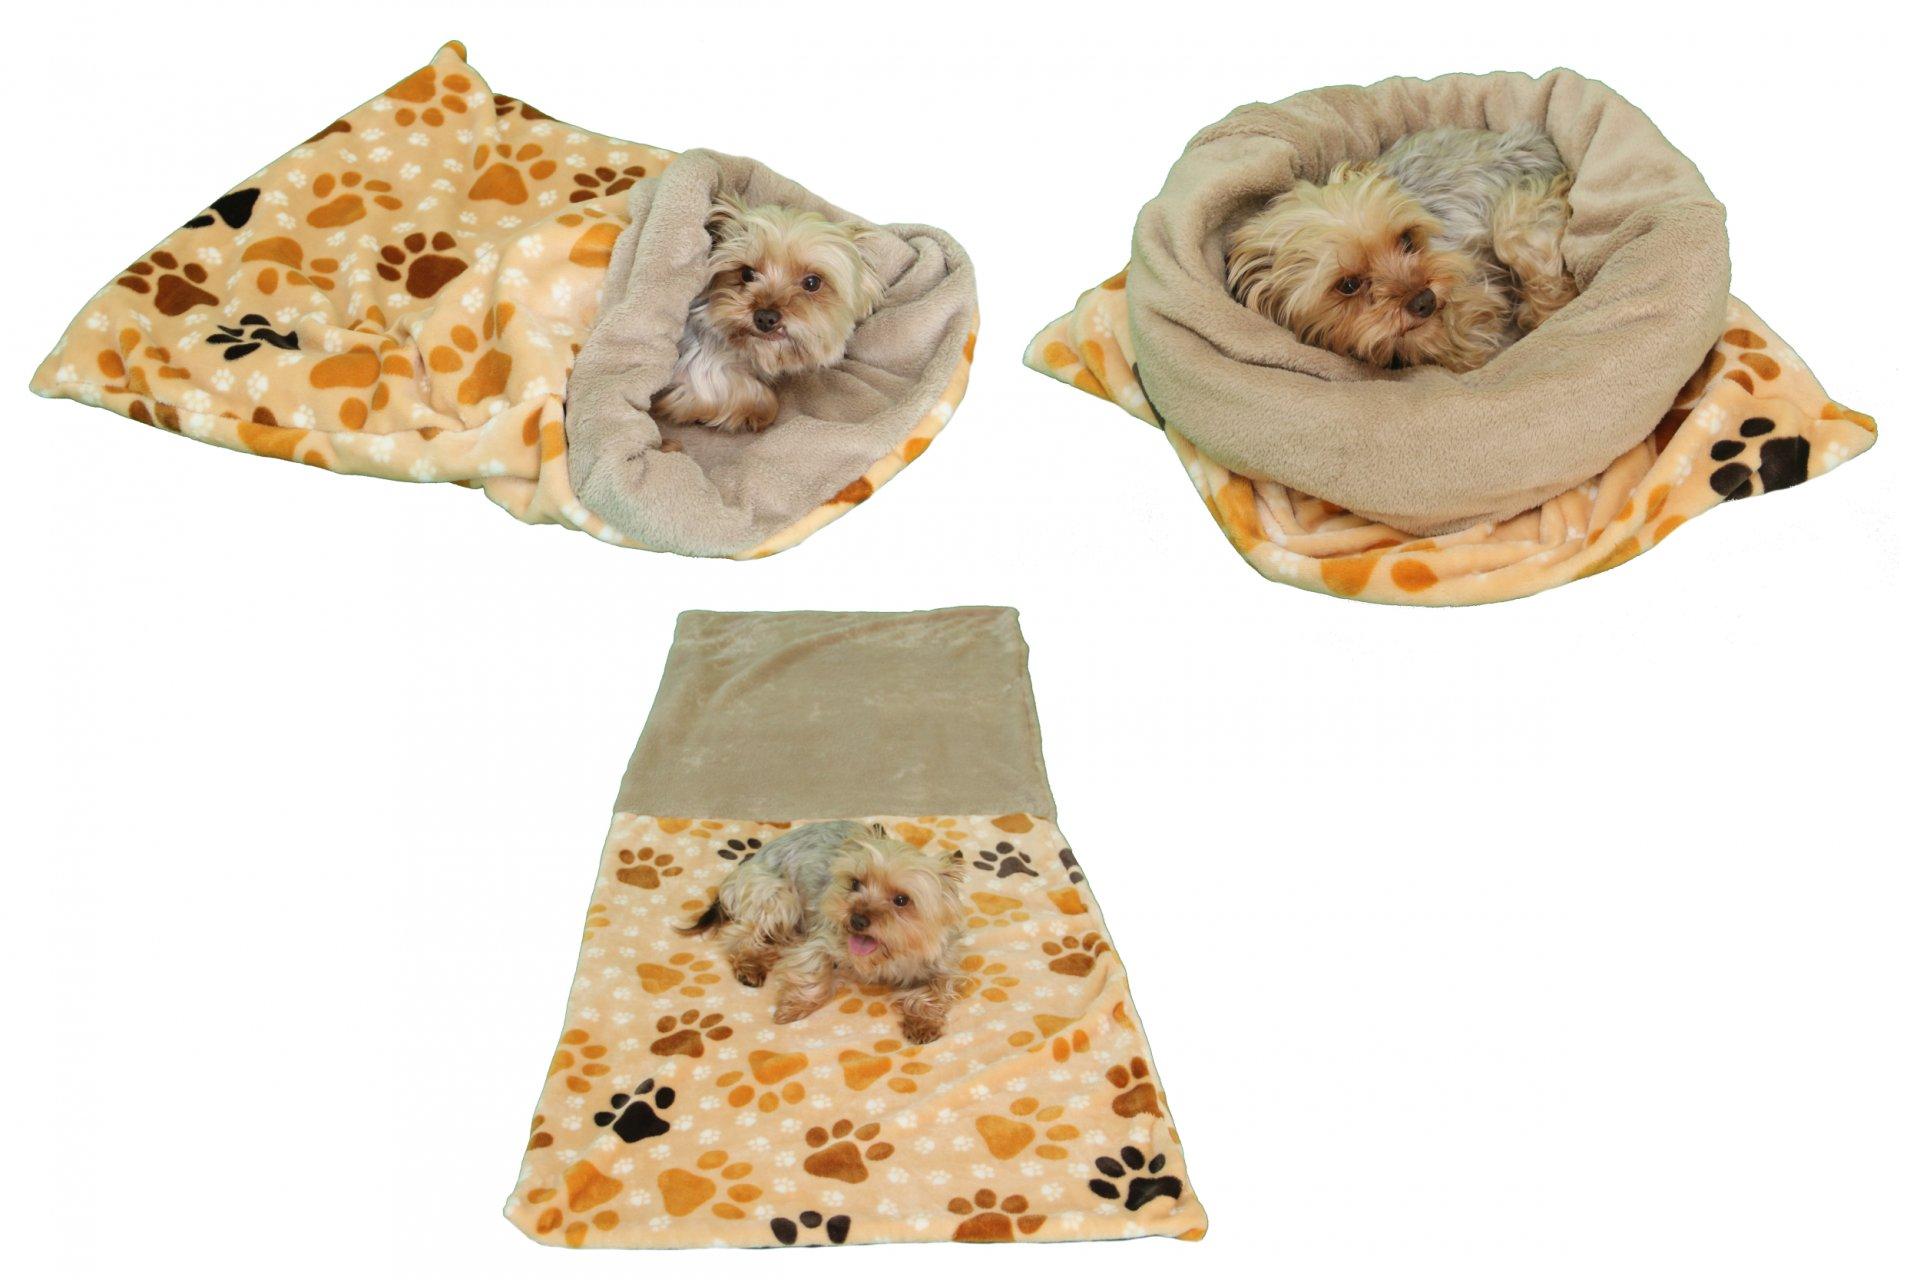 Marysa pelíšek 3v1 pro psy, béžový/tlapky, velikost XL